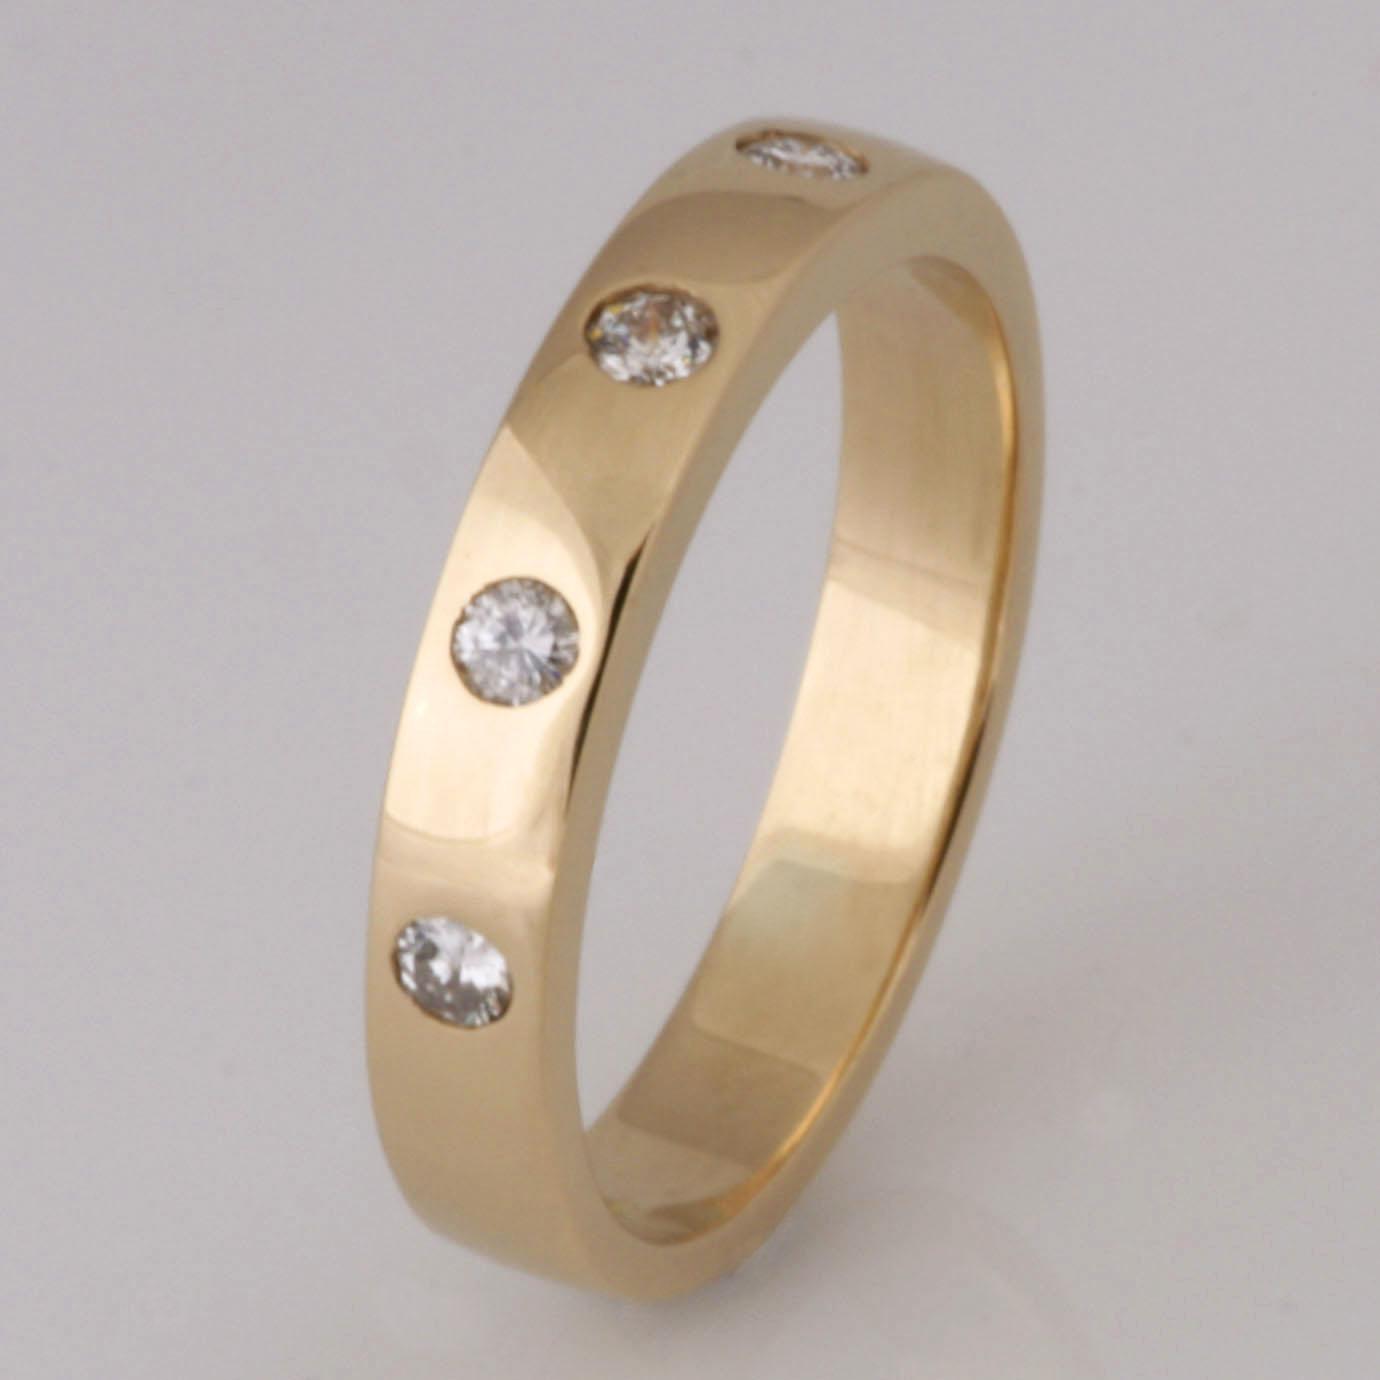 Handmade 18ct yellow gold diamond wedding ring